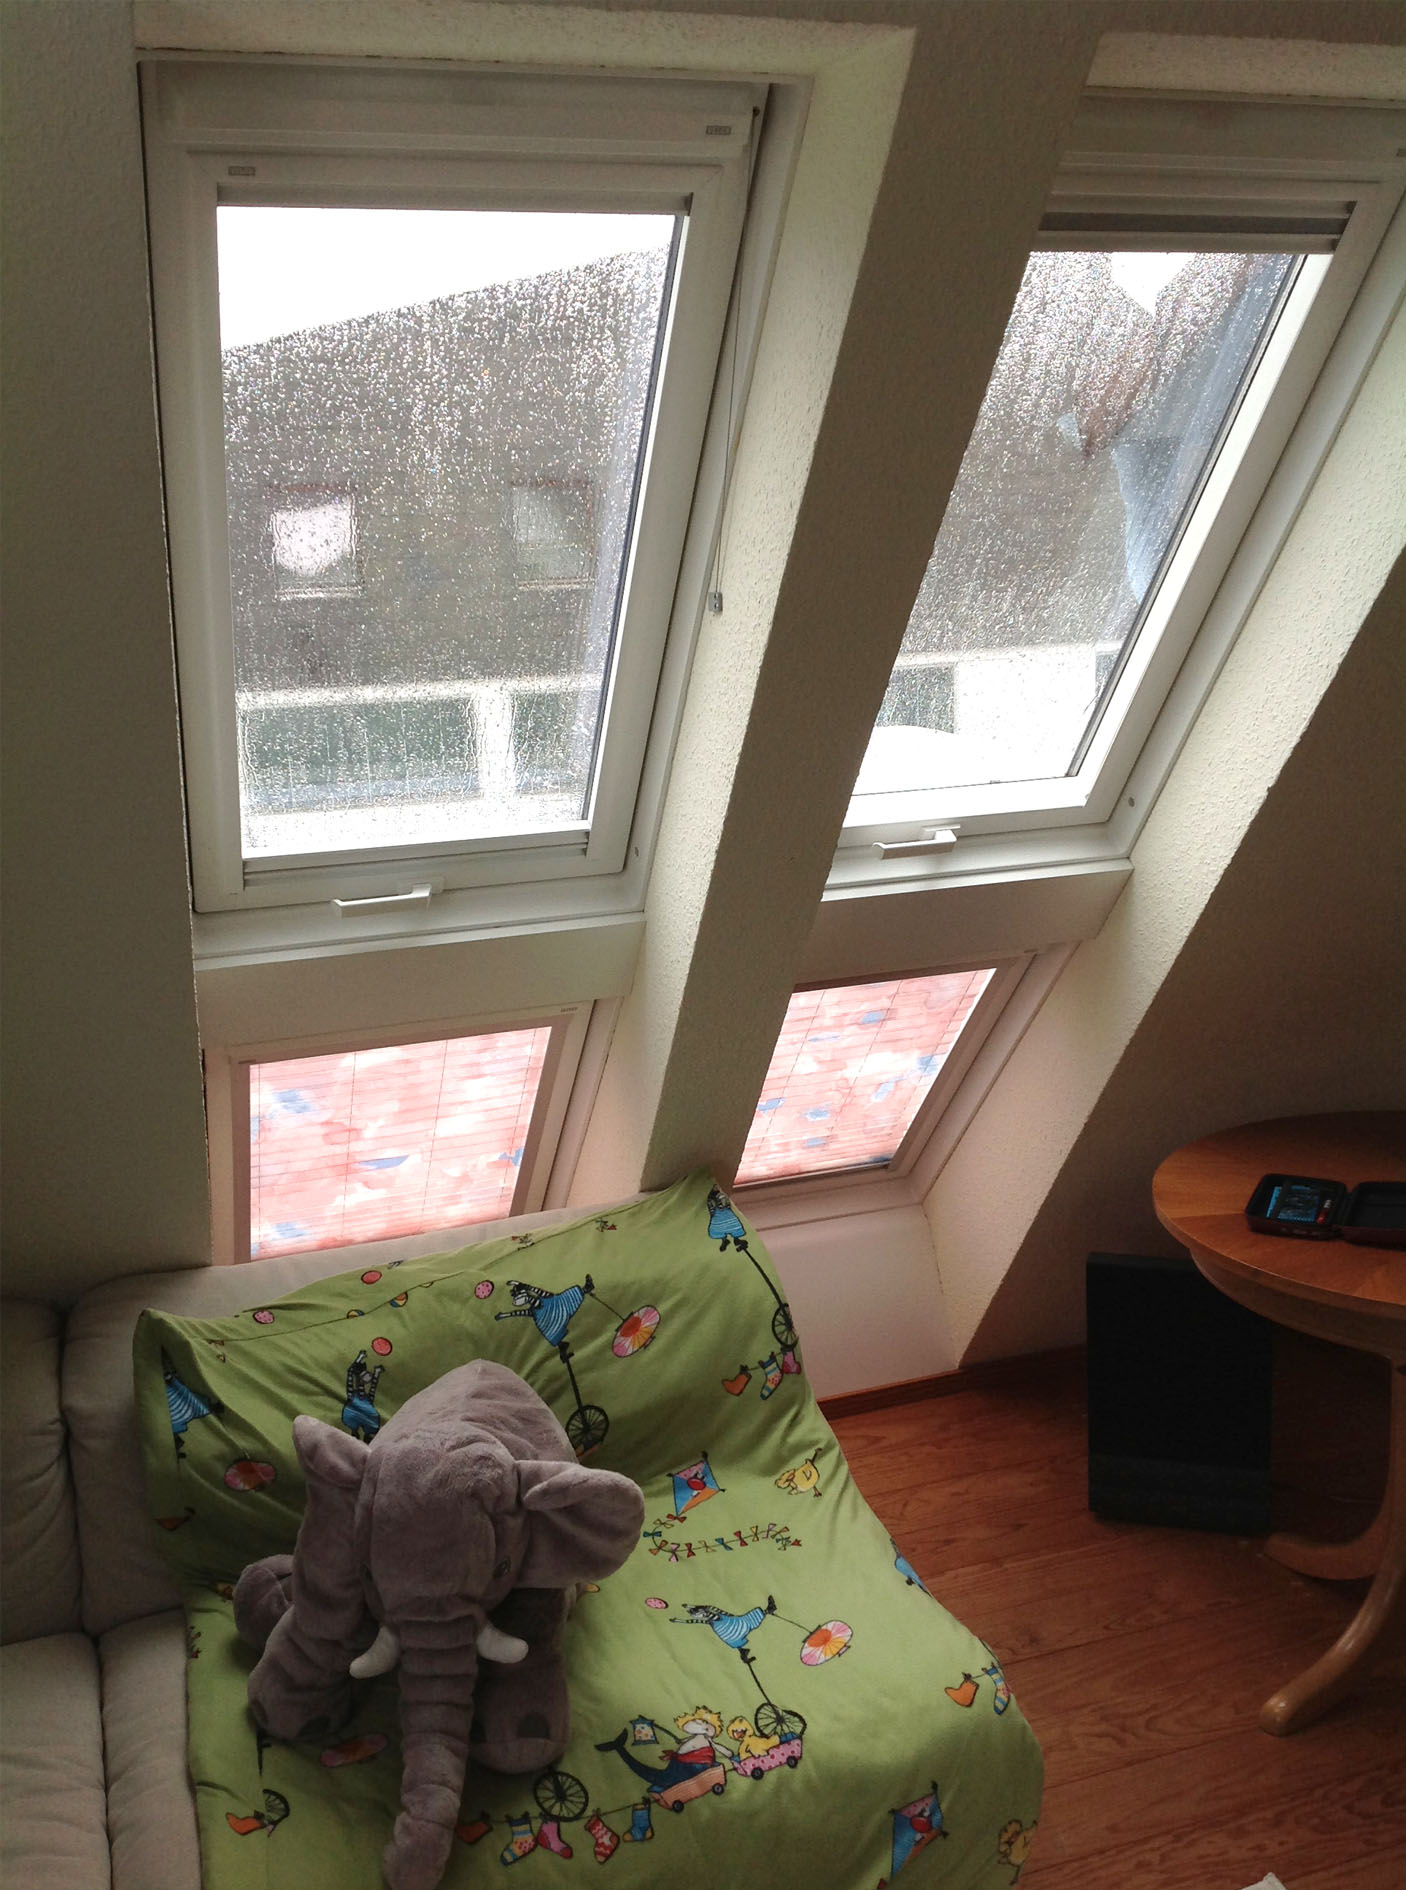 velux fenster gren excellent rollo fr velux fenster ggl m with velux fenster gren good velux. Black Bedroom Furniture Sets. Home Design Ideas